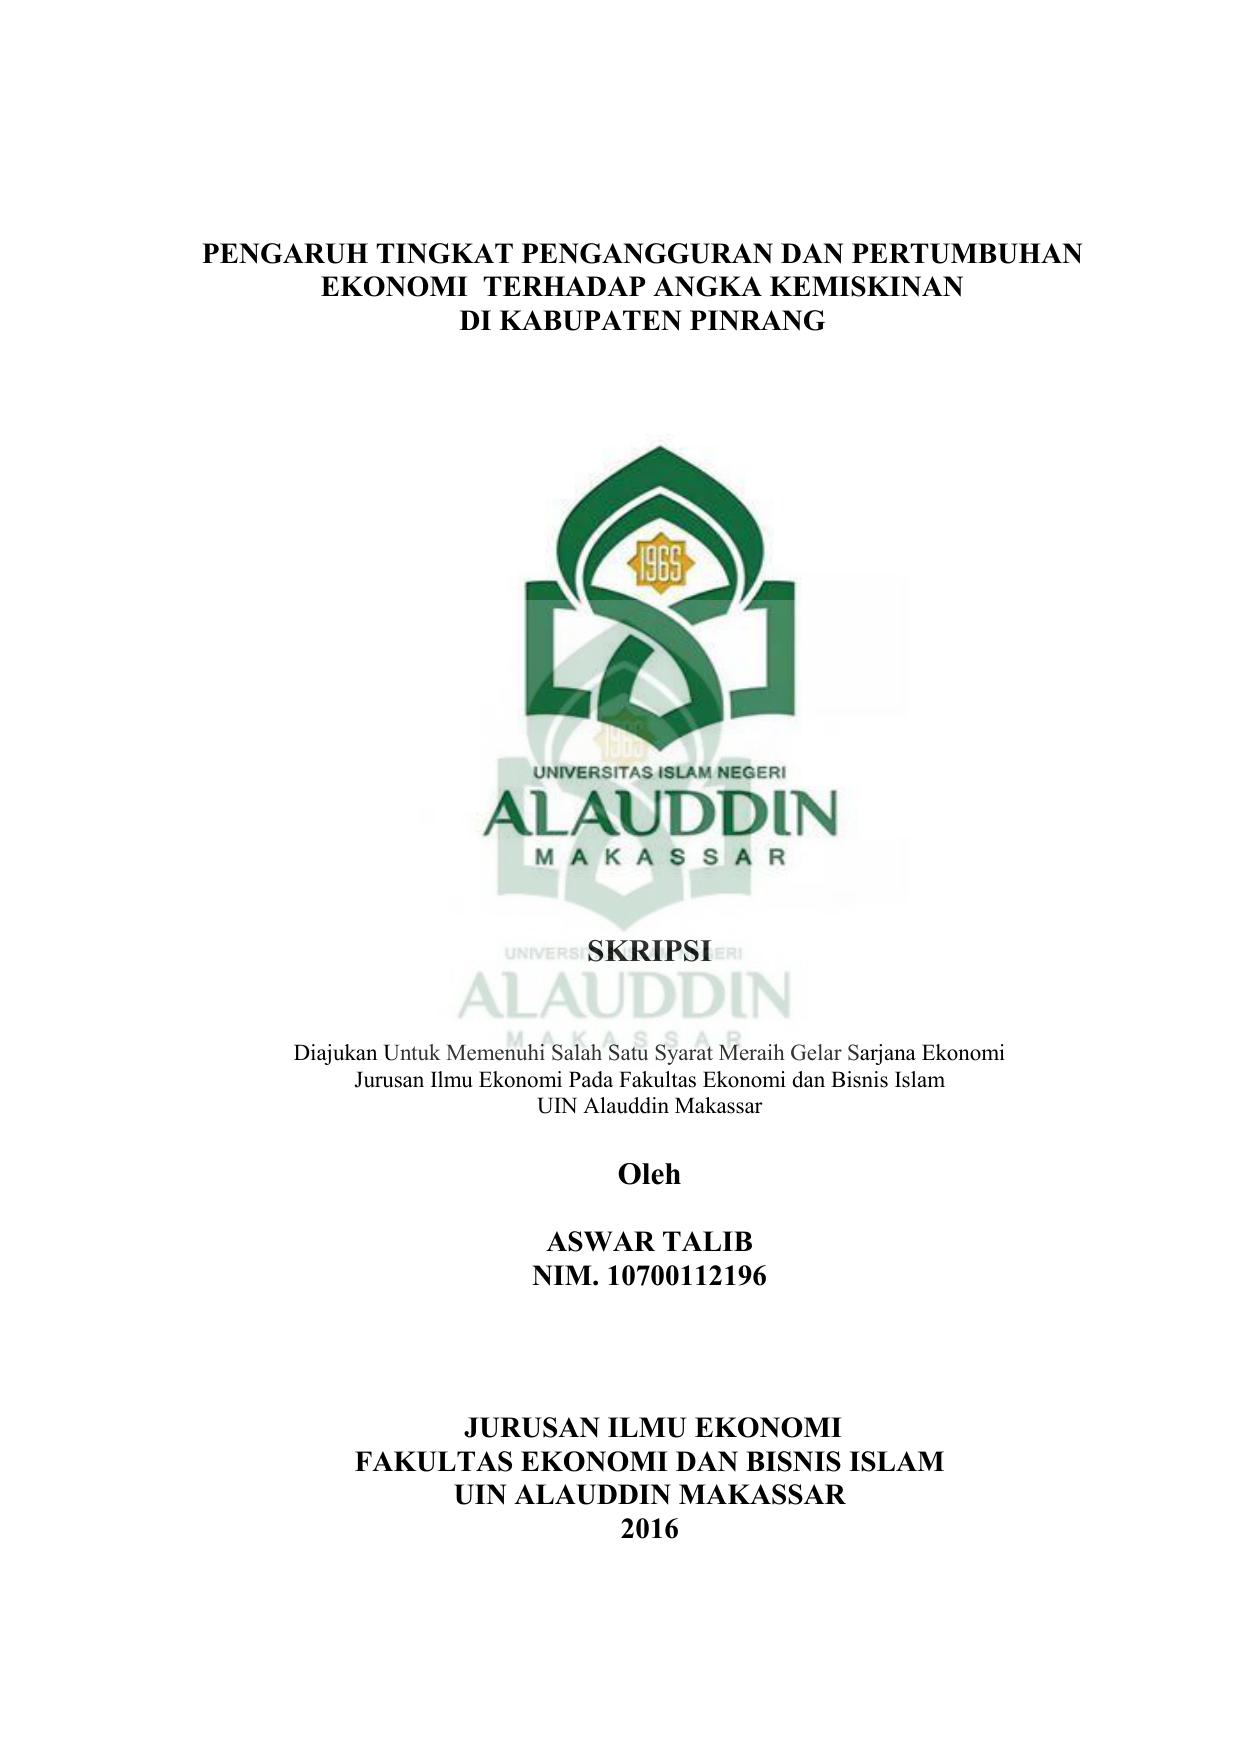 Repositori Uin Alauddin Makassar